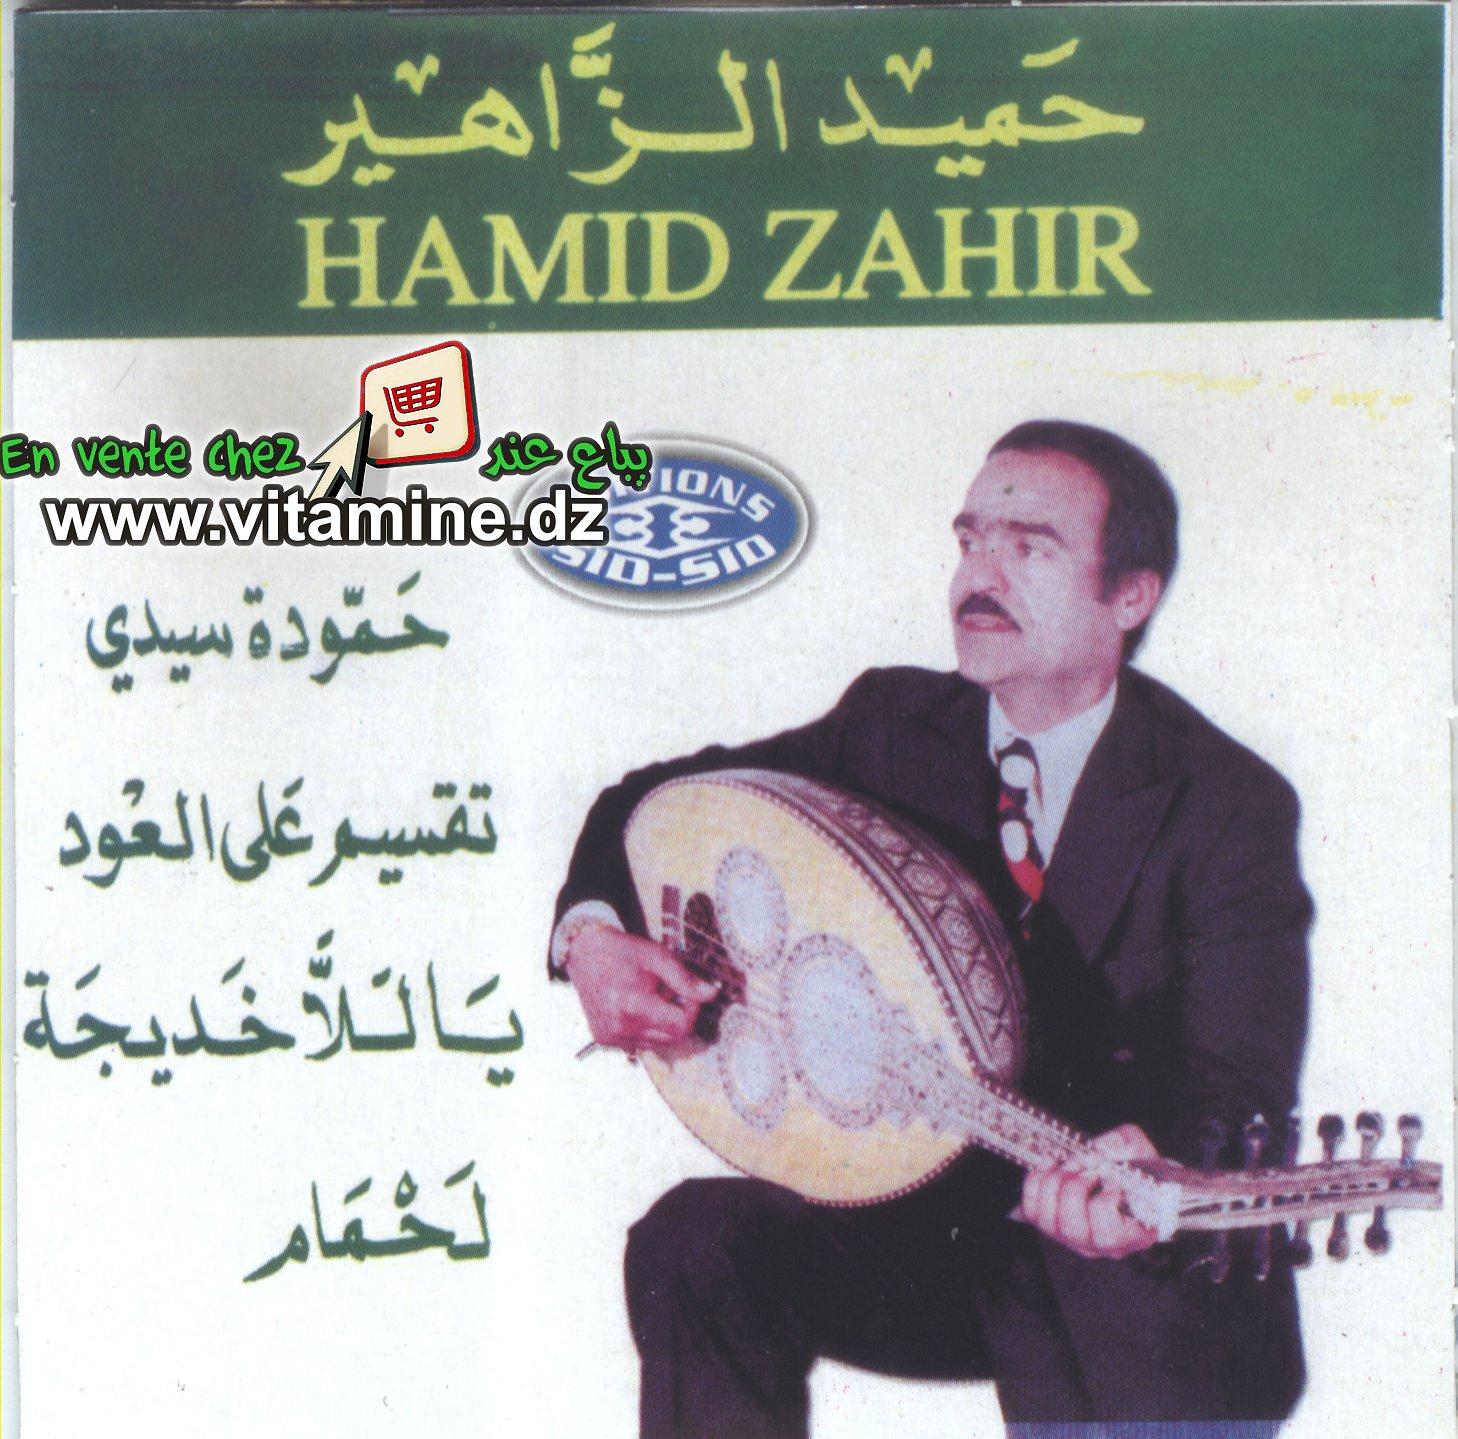 حميد الزاهر - كومبيلاسيون 2